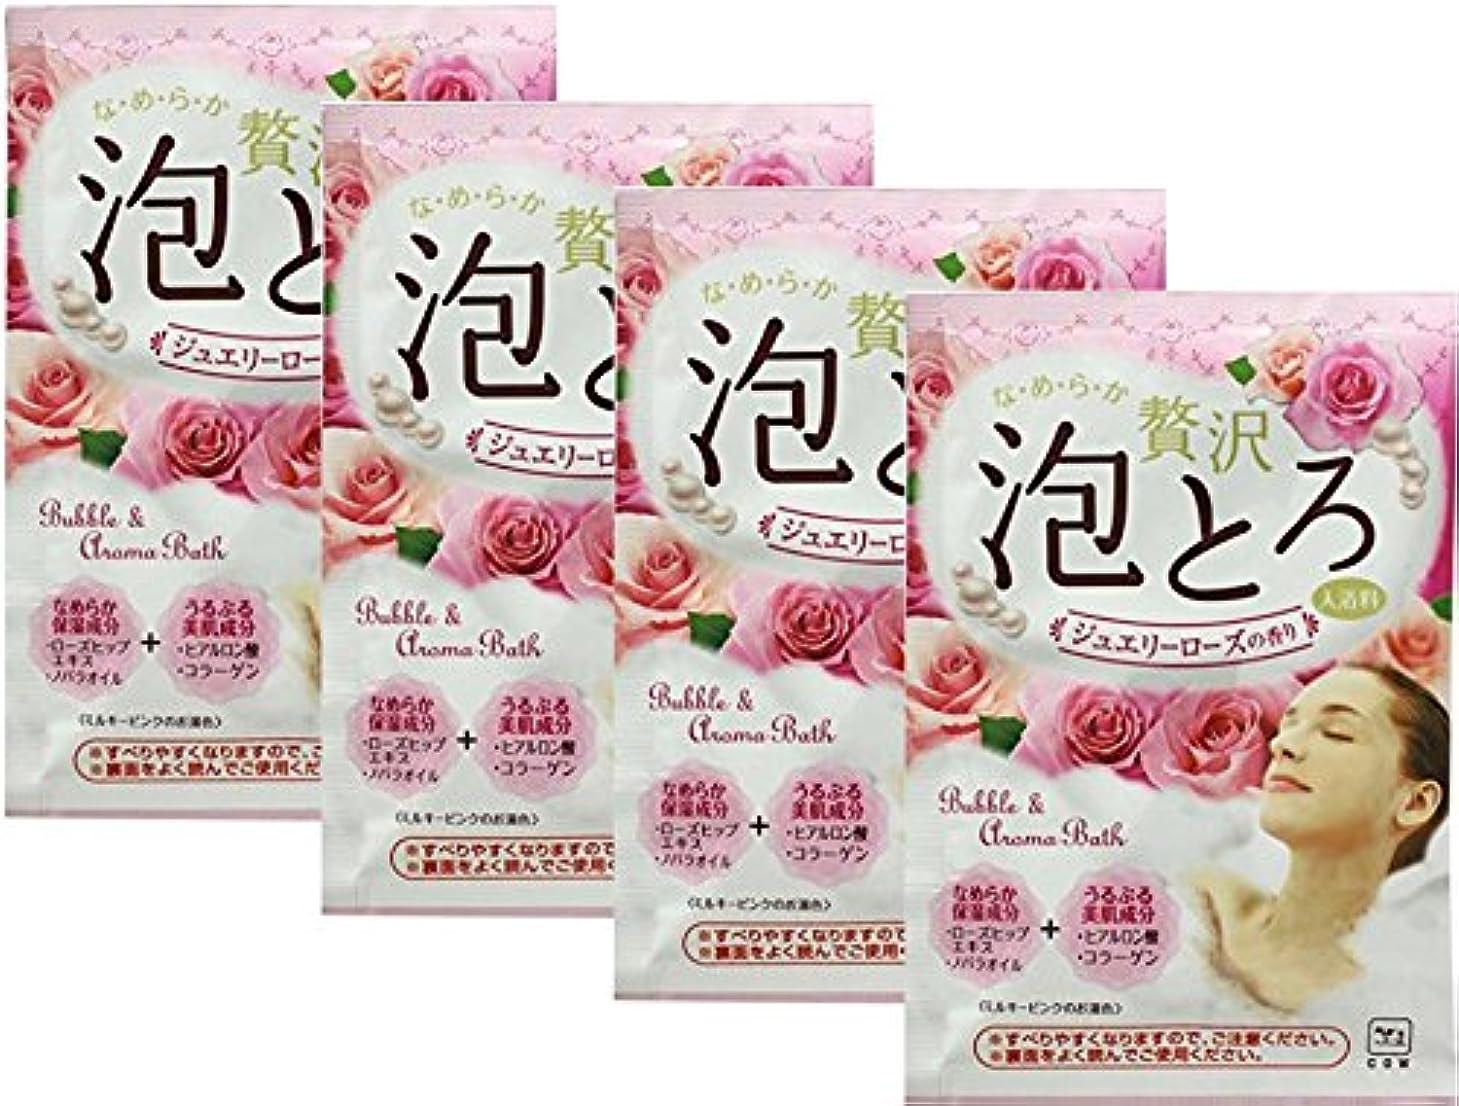 密輸ケーキバンド牛乳石鹸共進社 贅沢泡とろ 入浴料 ジュエリーローズの香り 30g 【4点セット】